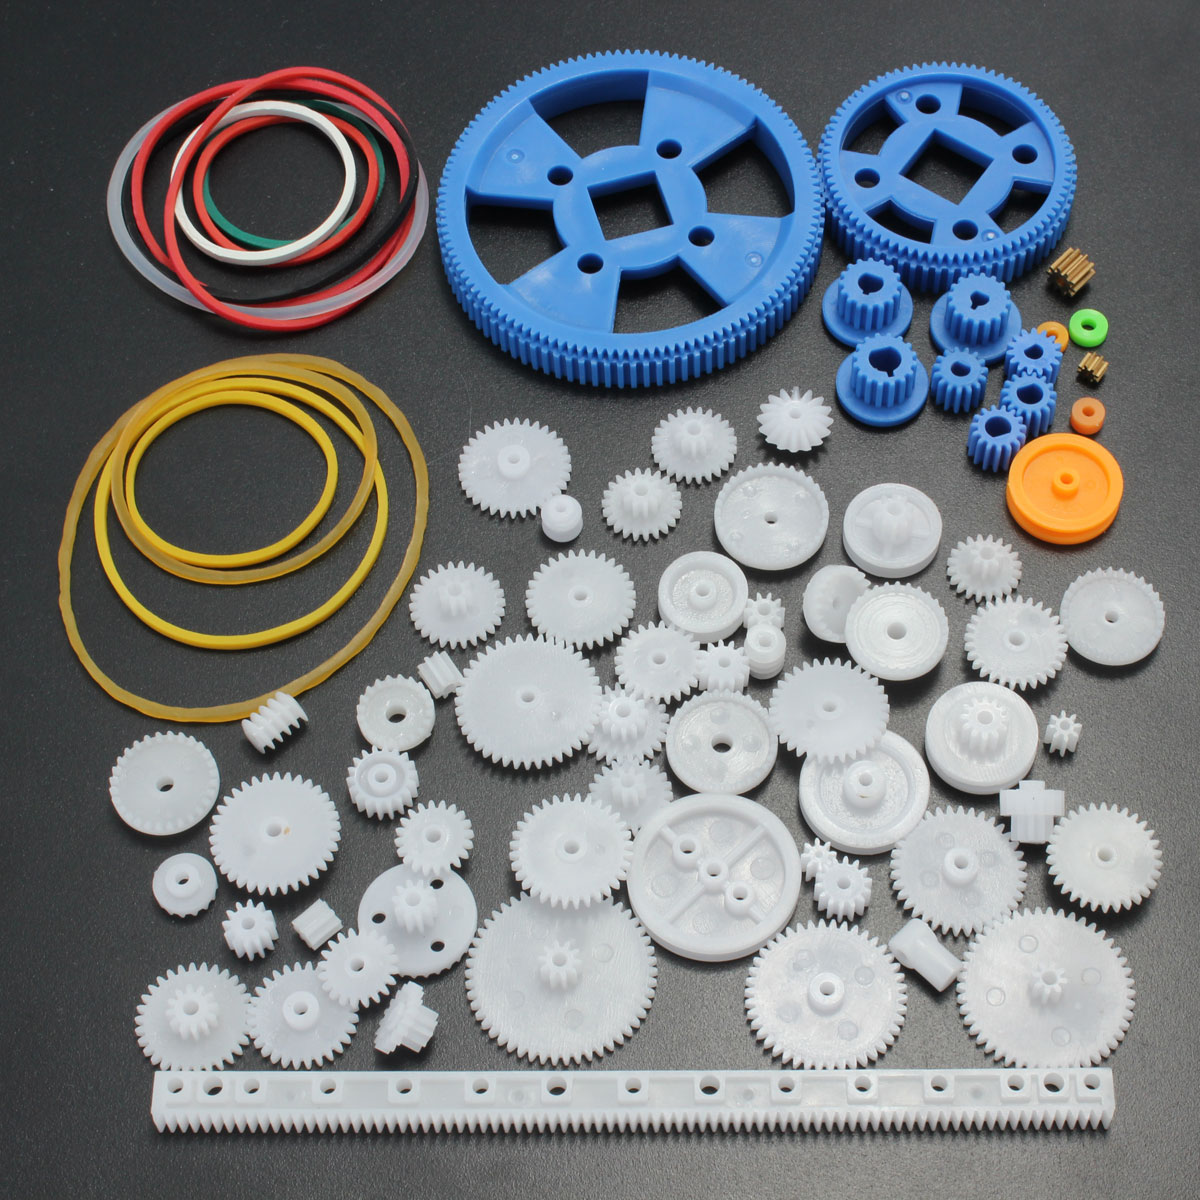 80x lot plastique robot roue dent e seule double layer couche couronne axe diy achat vente. Black Bedroom Furniture Sets. Home Design Ideas